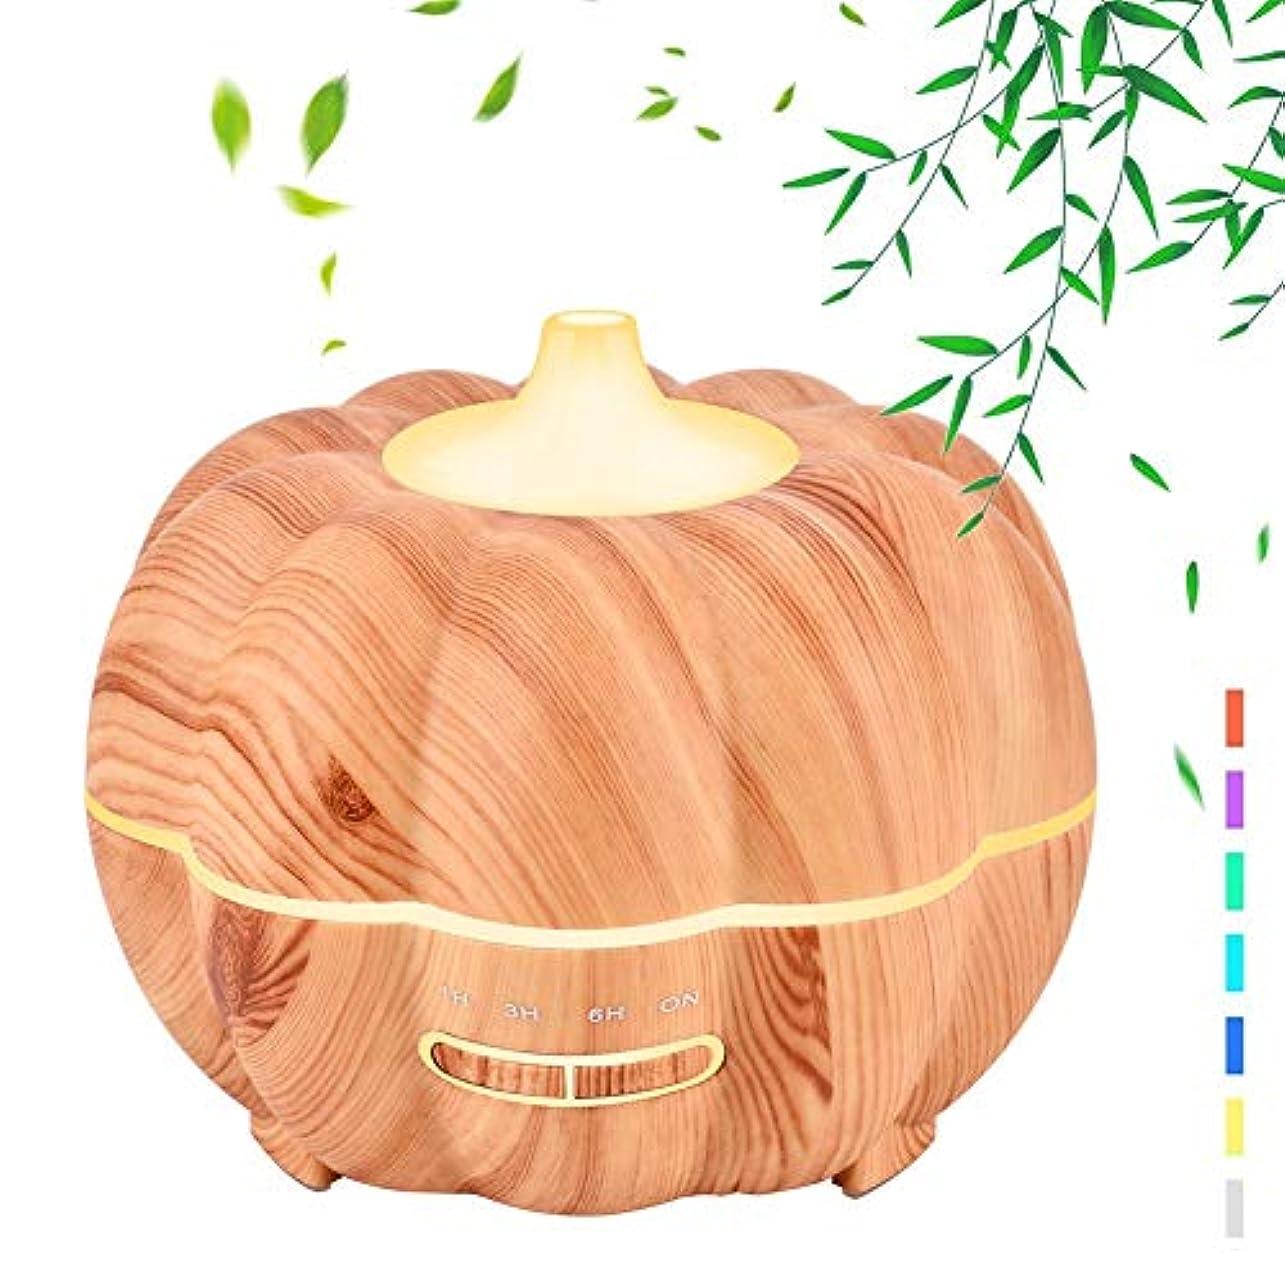 犠牲ラダスクラッチ300ミリリットル木材穀物エッセンシャルオイルディフューザー、加湿器超音波アロマセラピーアロマセラピーディフューザー加湿器、静かな操作、7色フレグランスランプ、ホームオフィス用ヨガスパ,Lightwoodgrain